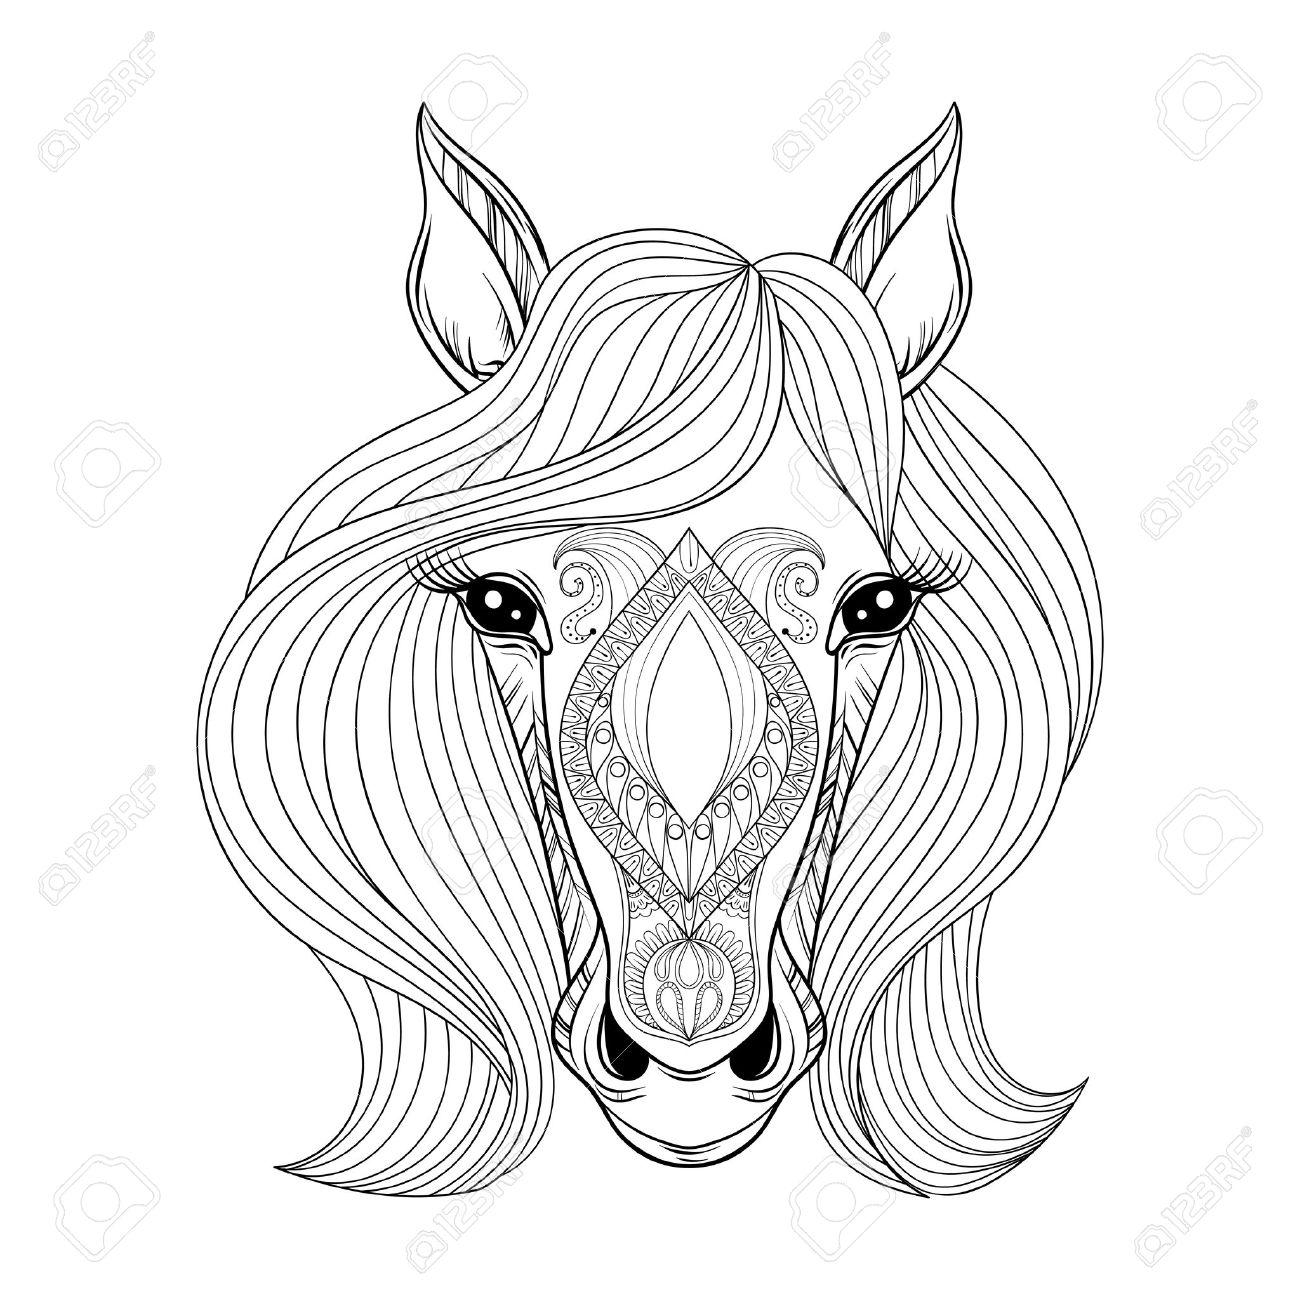 Kleurplaten Voor Volwassenen Paarden.Alleen Kleurplaten Voor Volwassenen Paarden Krijg Duizenden